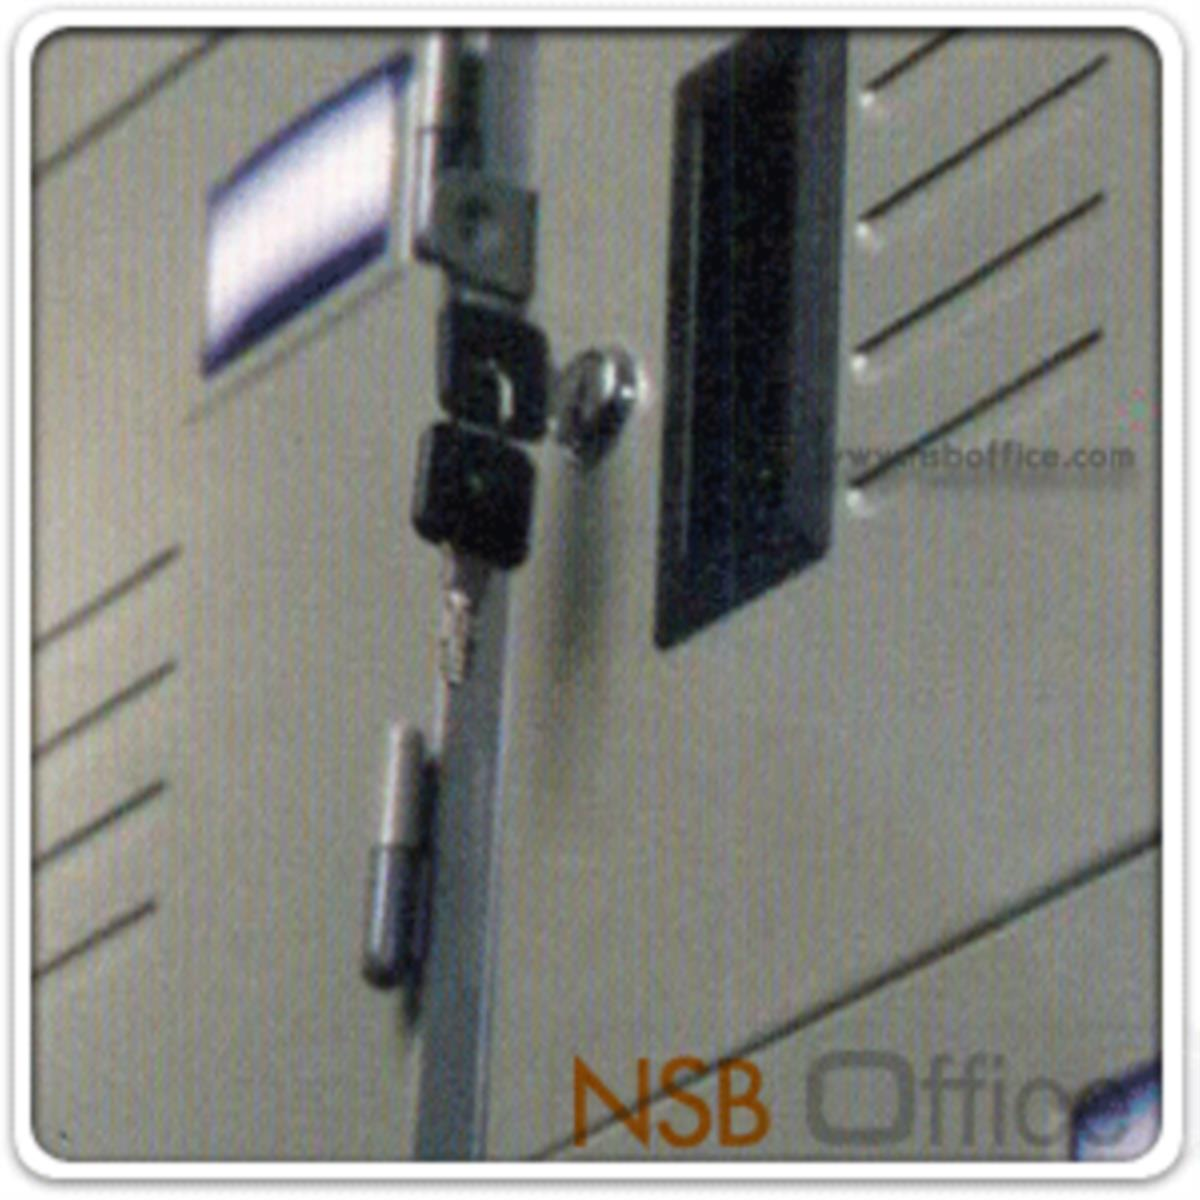 ตู้ล็อกเกอร์ 3 ประตู มี มอก. รุ่น LK-003